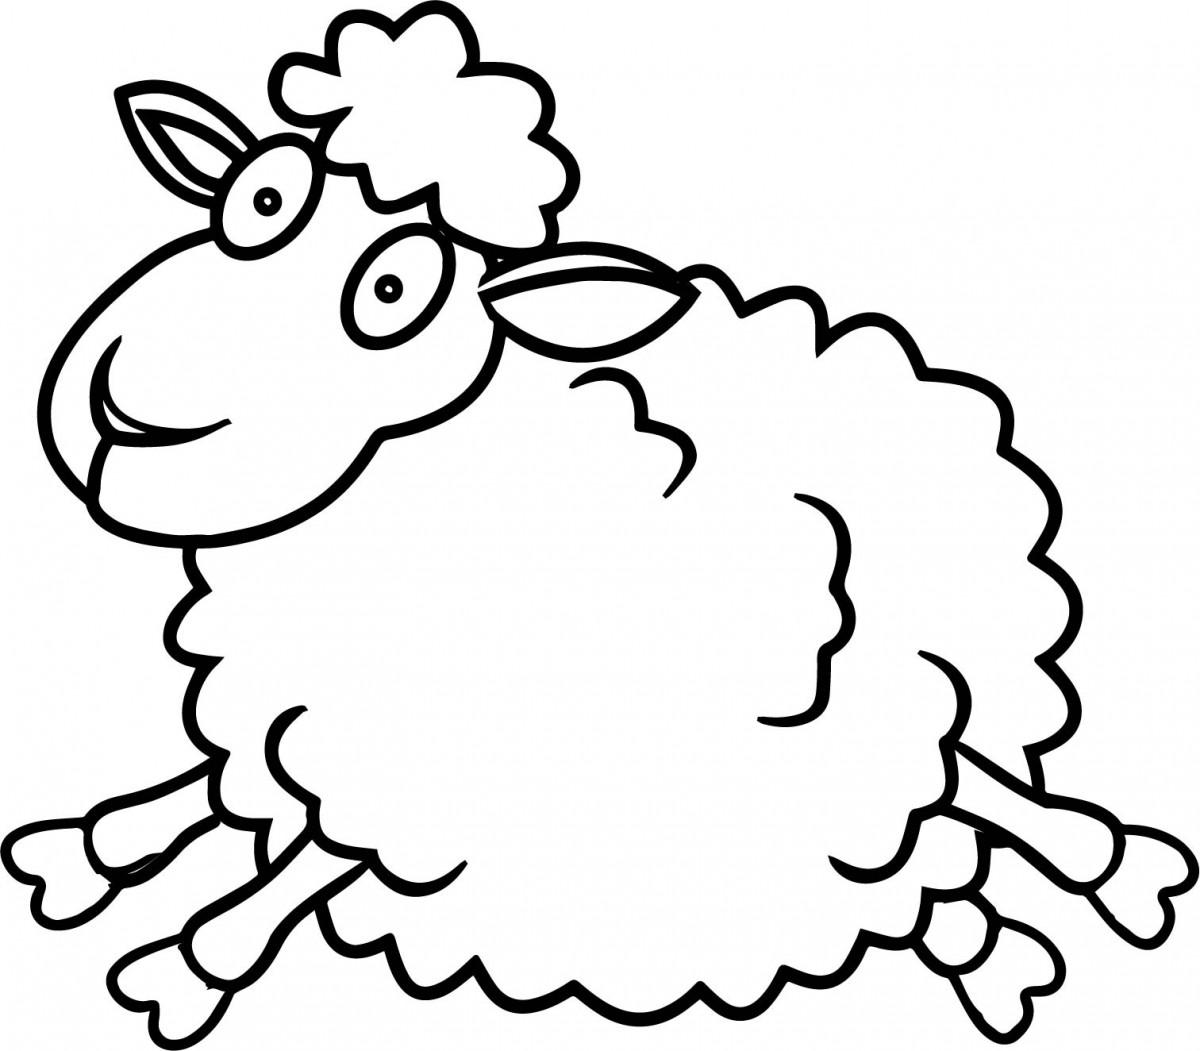 Tổng hợp tranh tô màu chú cừu con đẹp nhất